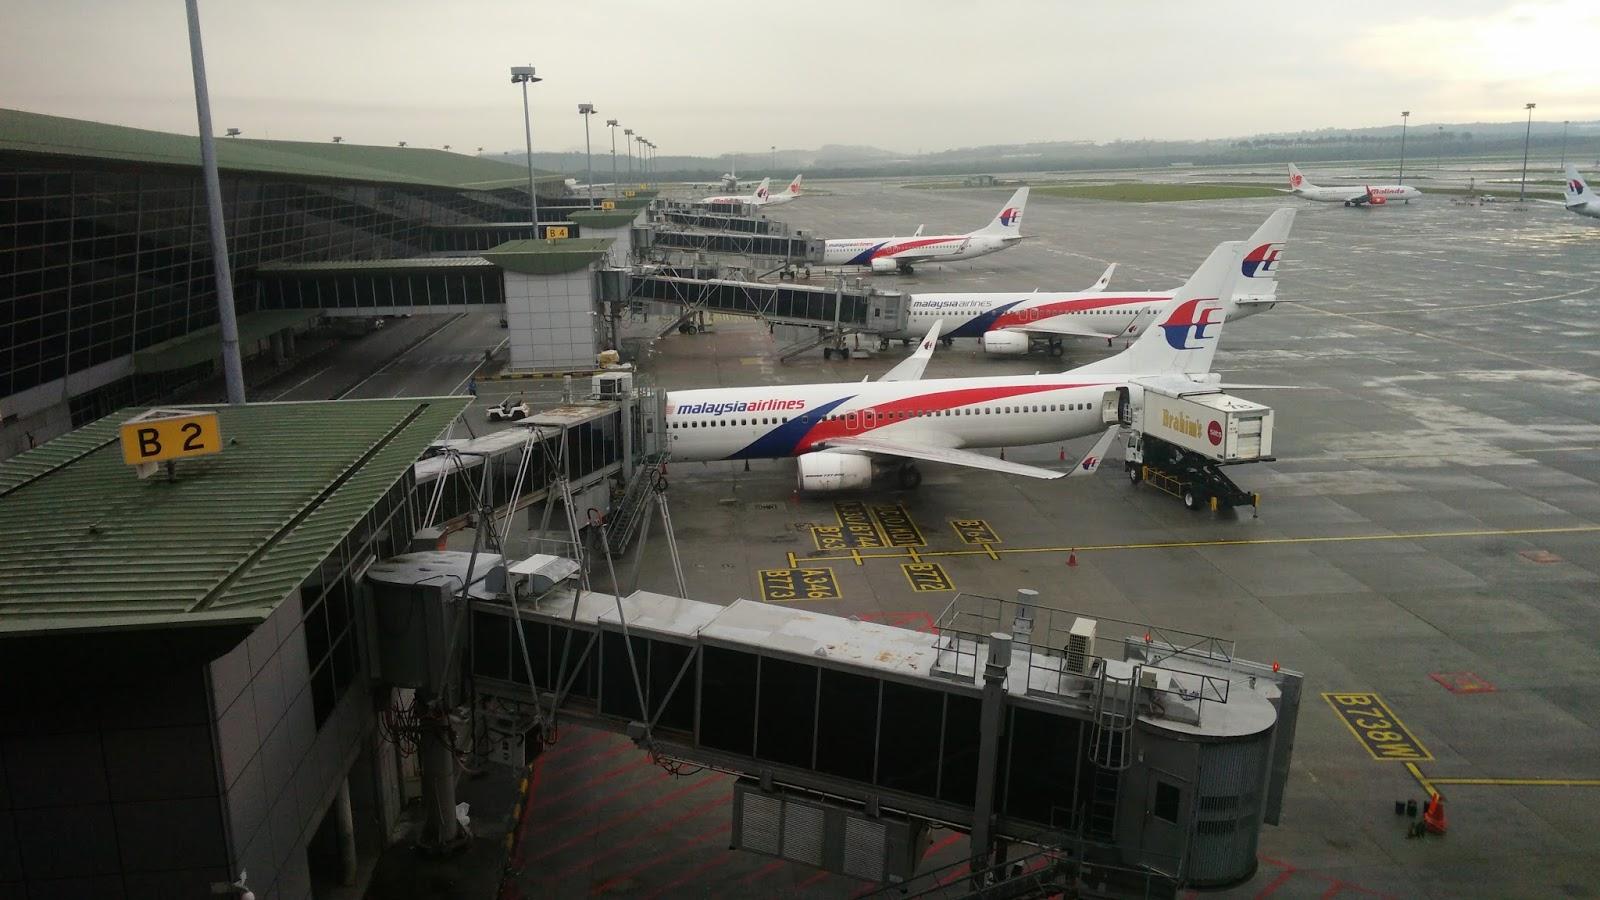 黑老闆攝於吉隆坡邦國際機場:馬來西亞航空服務區域中短程航線的波音B737機隊